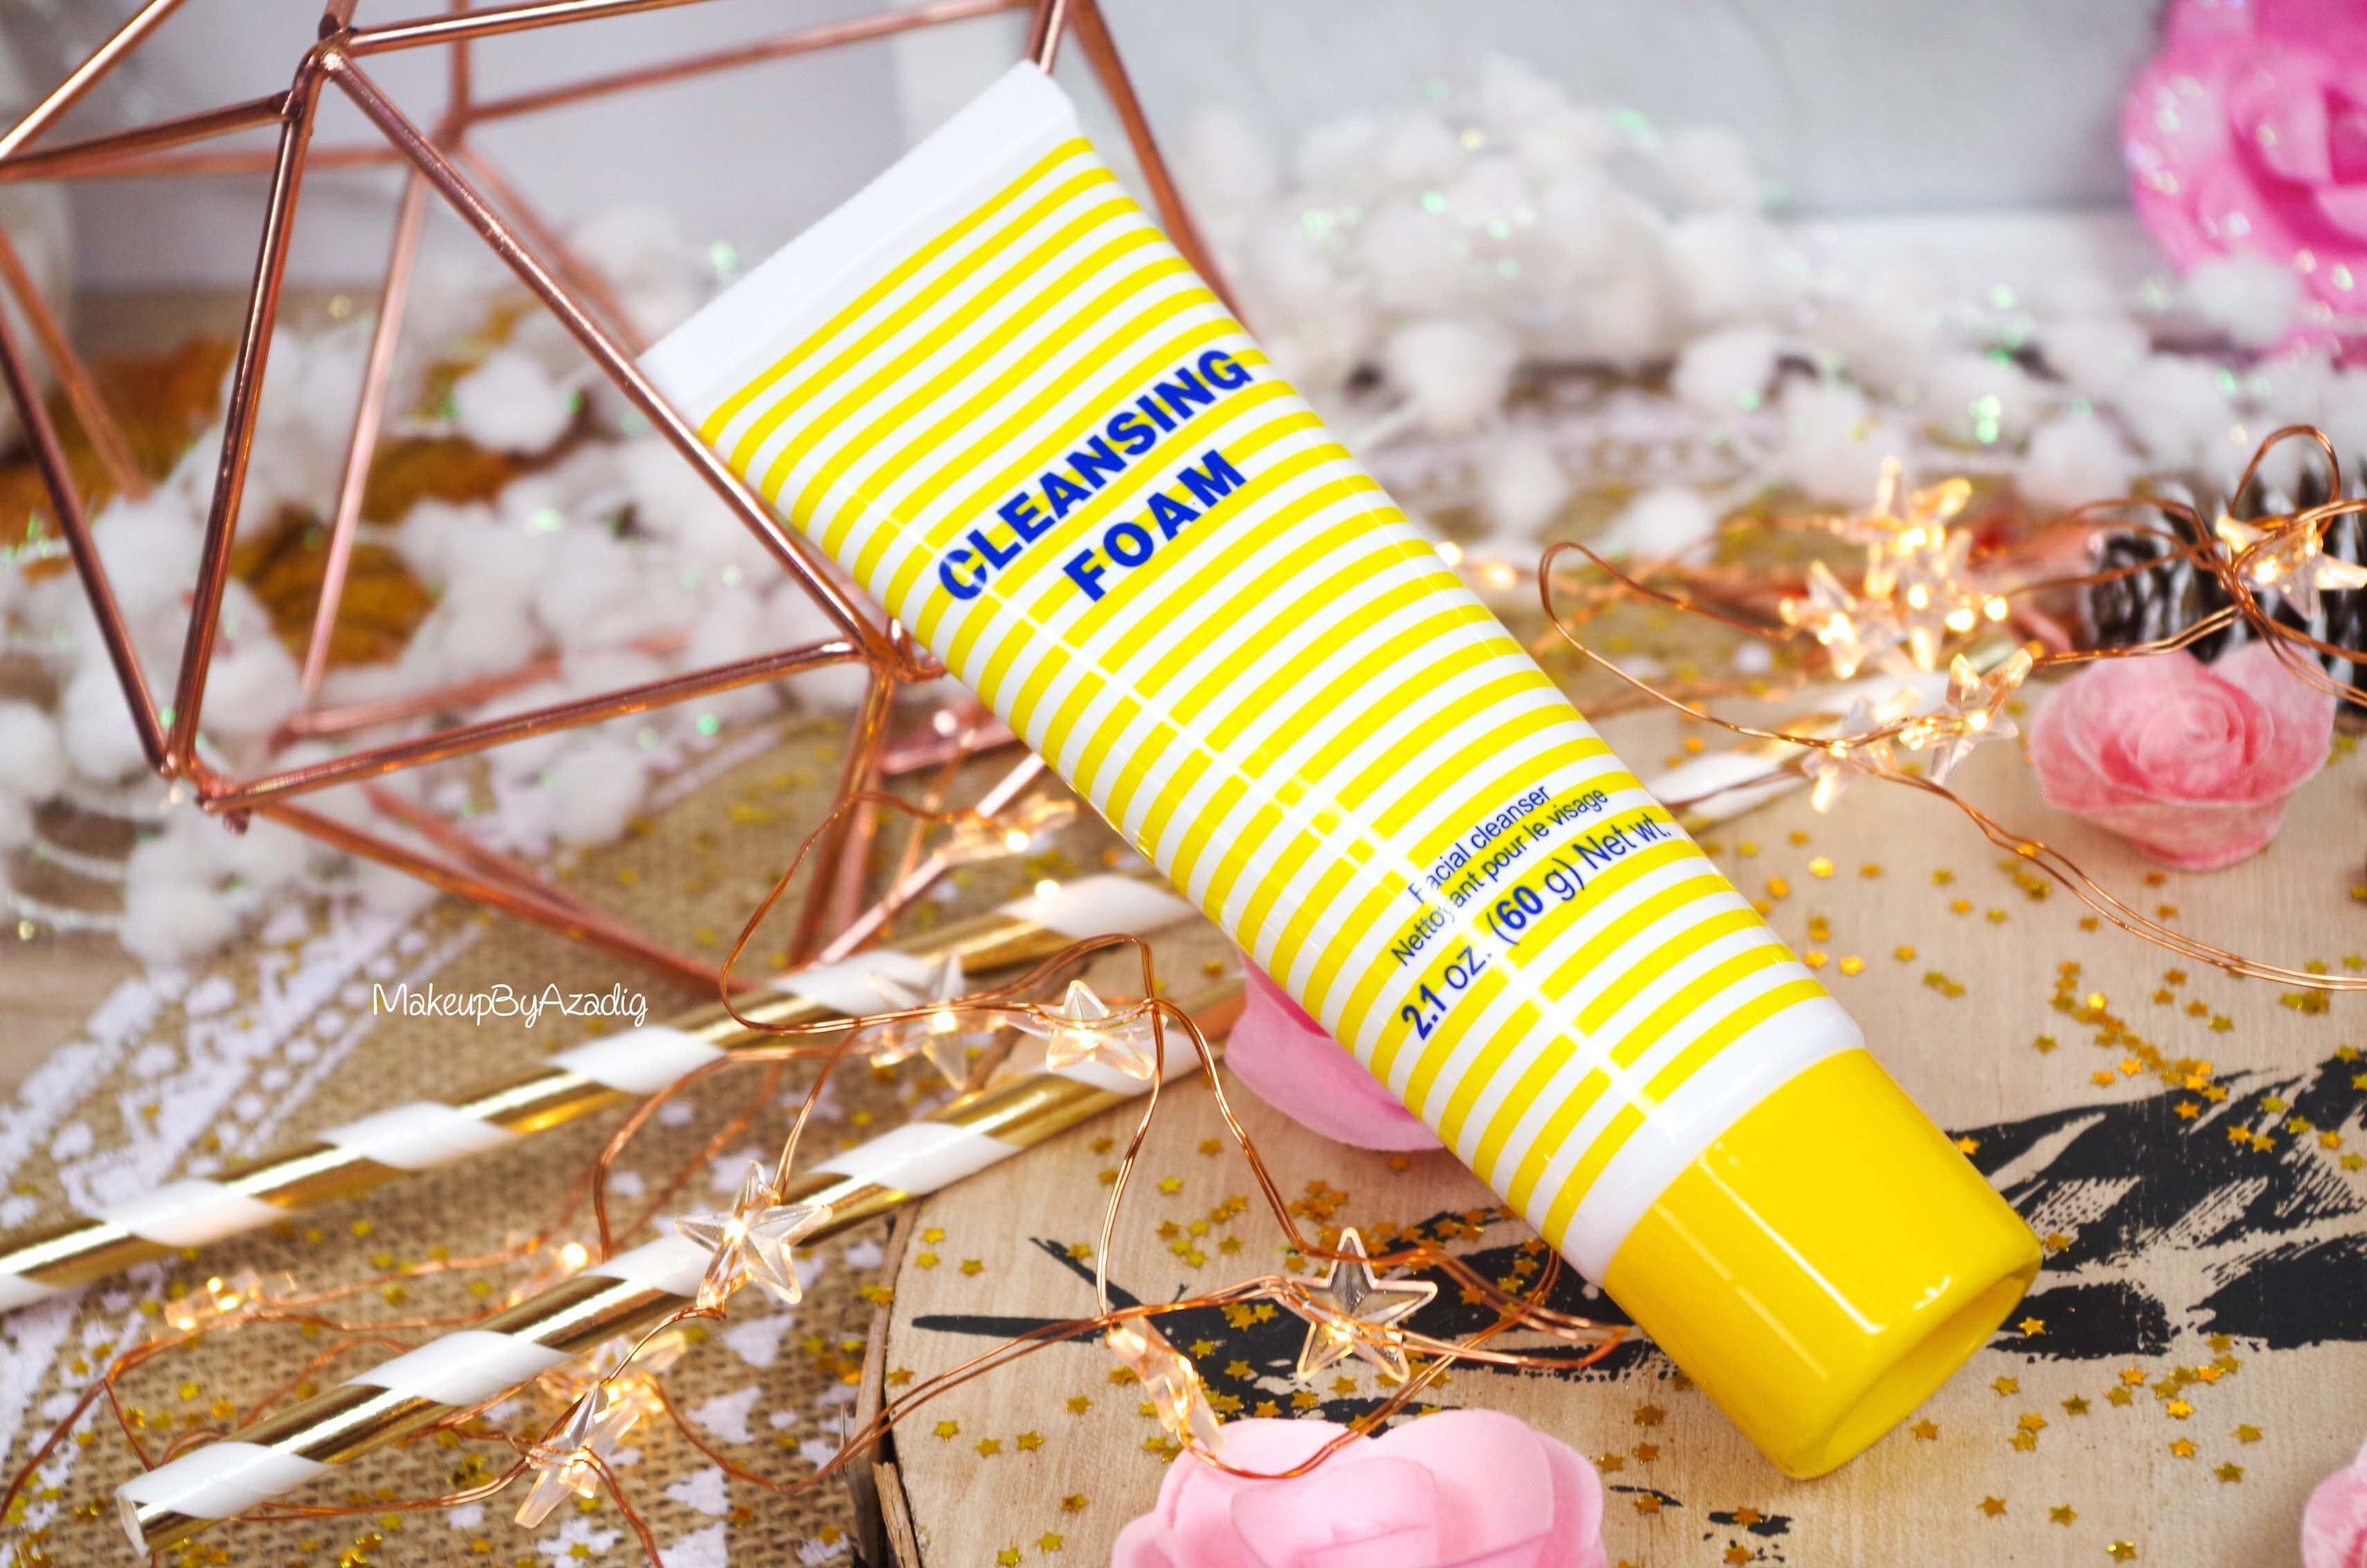 revue-review-cleansing-foam-creme-nettoyante-dhc-monoprix-parapharmacie-prix-avis-makeupbyazadig-best